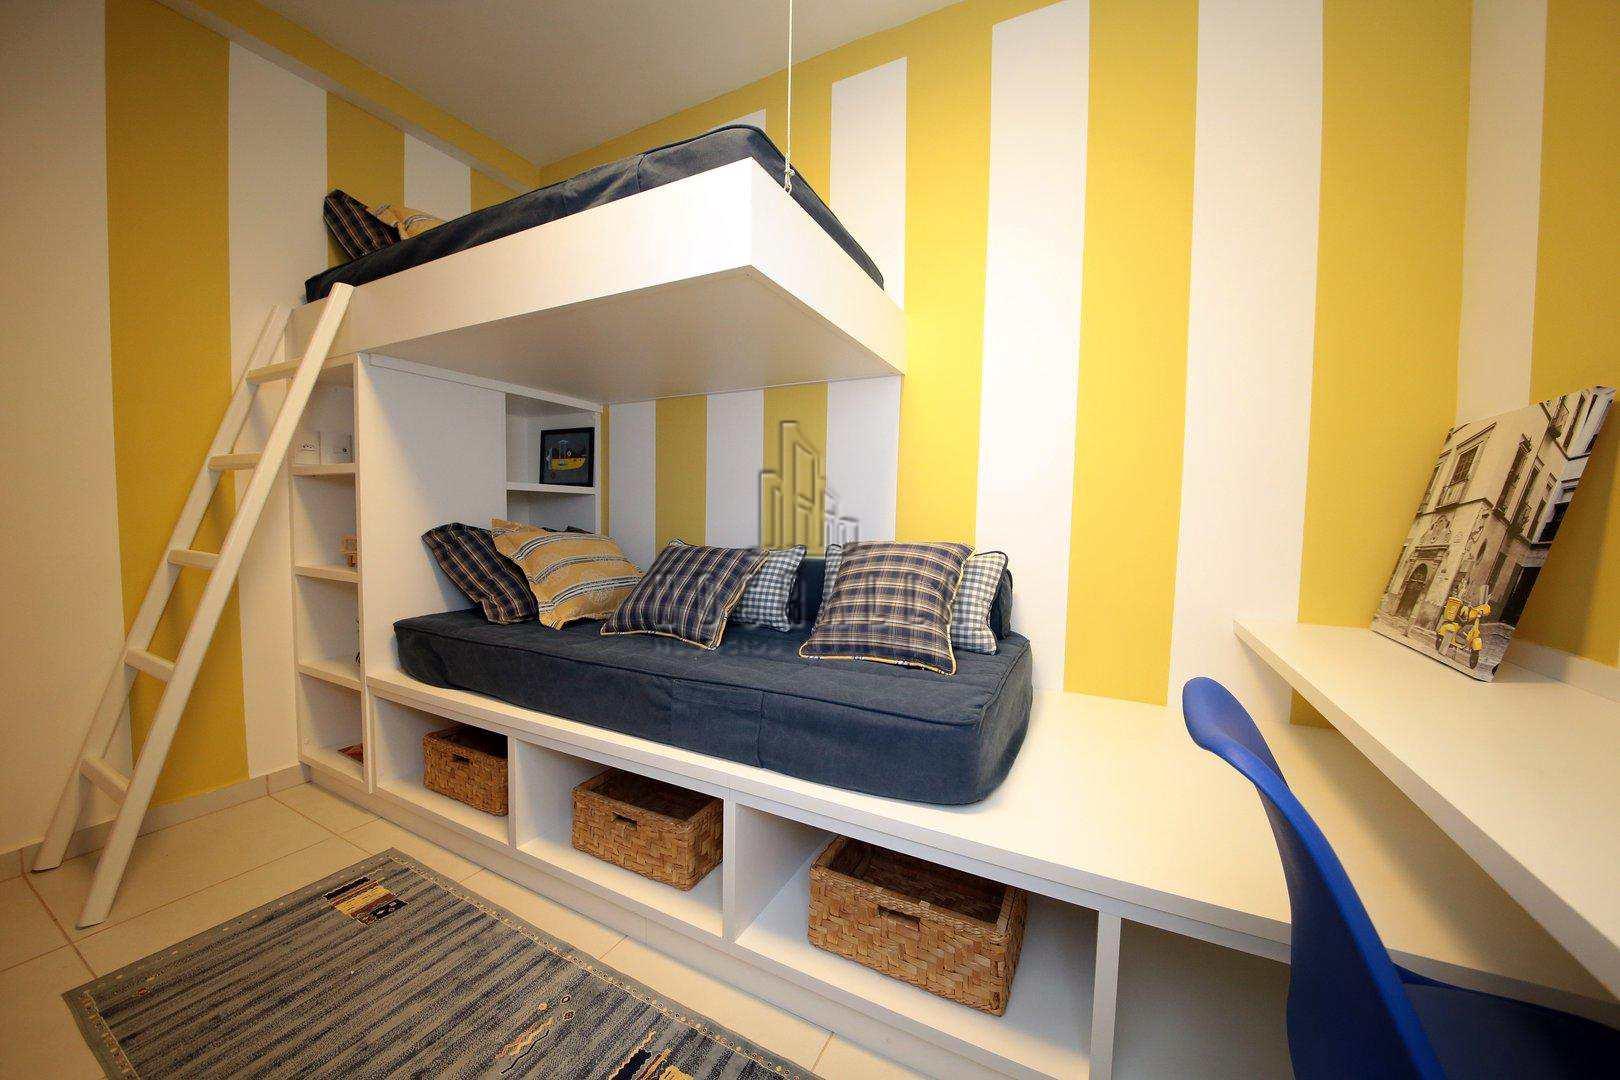 suite-decorado-4.JPG.1920x1080_q85